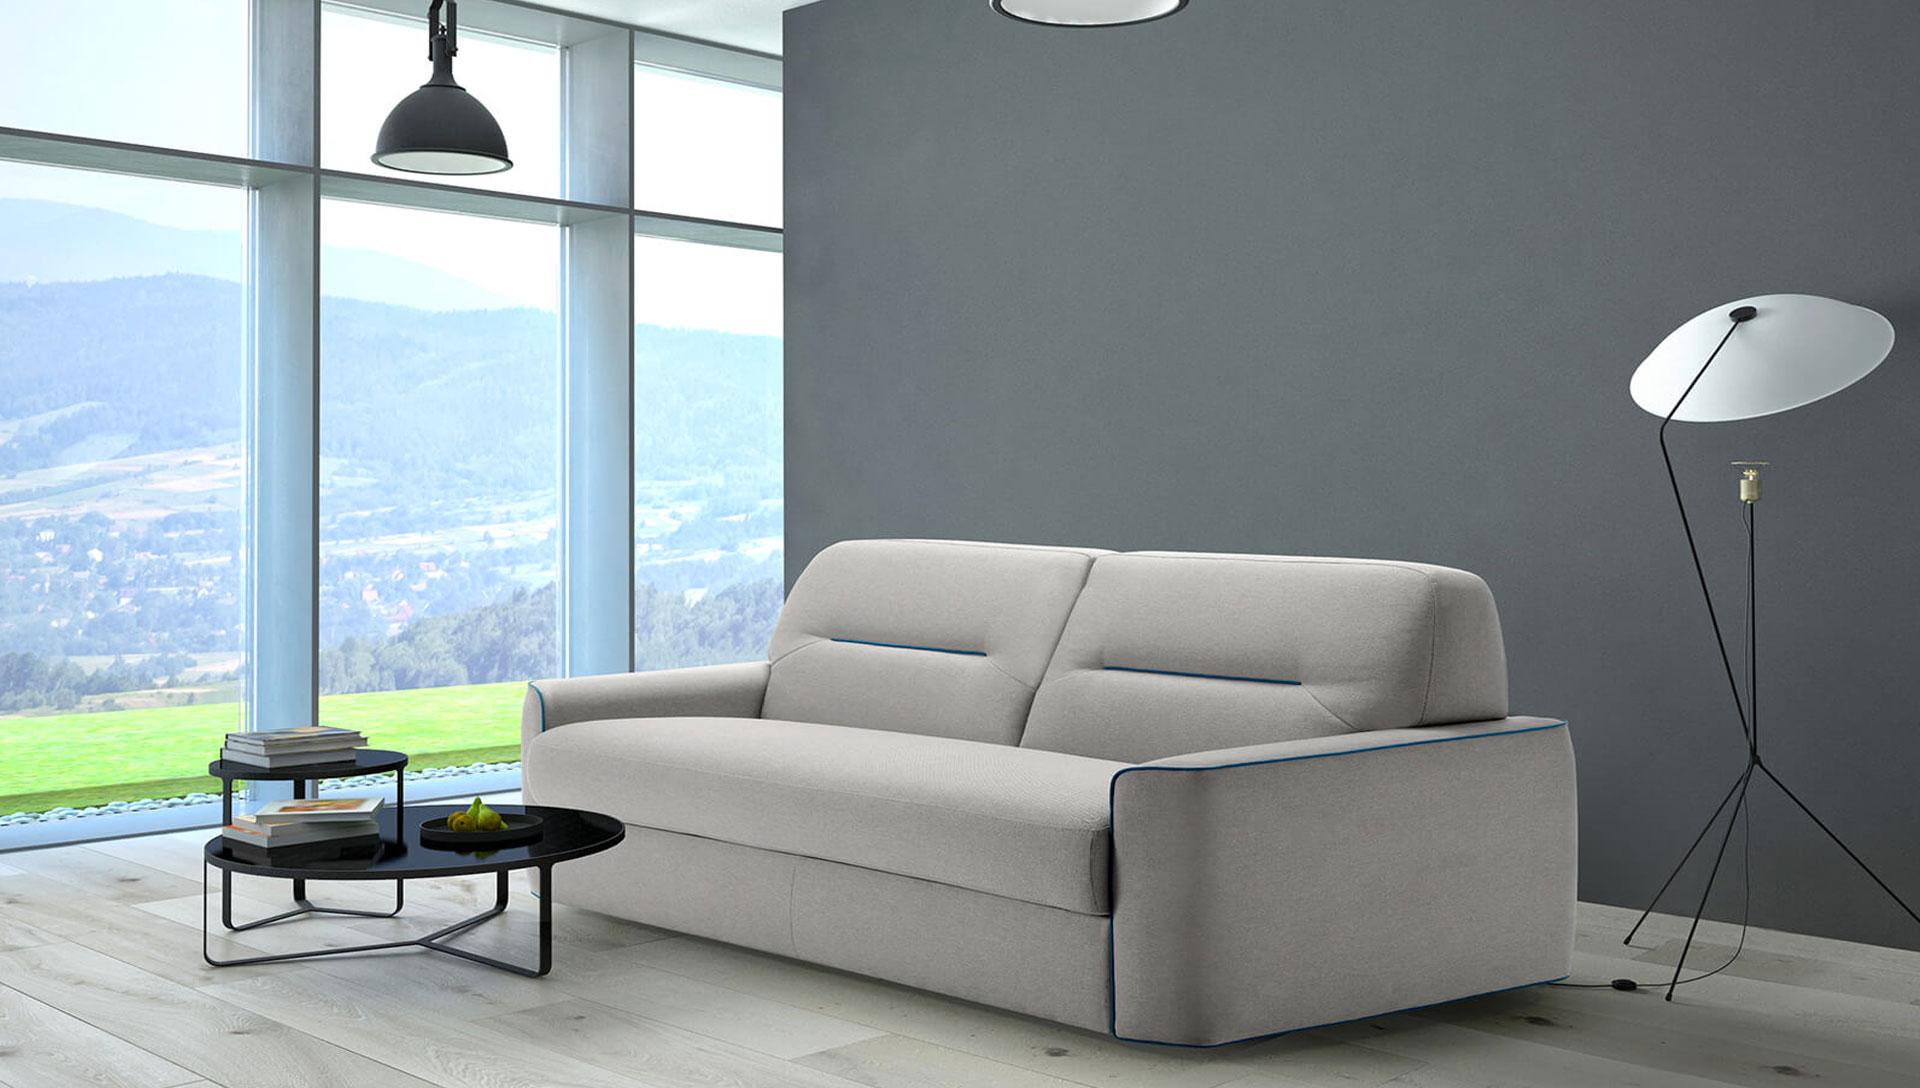 divani-vitarelax-comodus-arredamenti-nicoletti-interni-interior-design-divani-complementi-arredo-mobili-design-accessori-matera